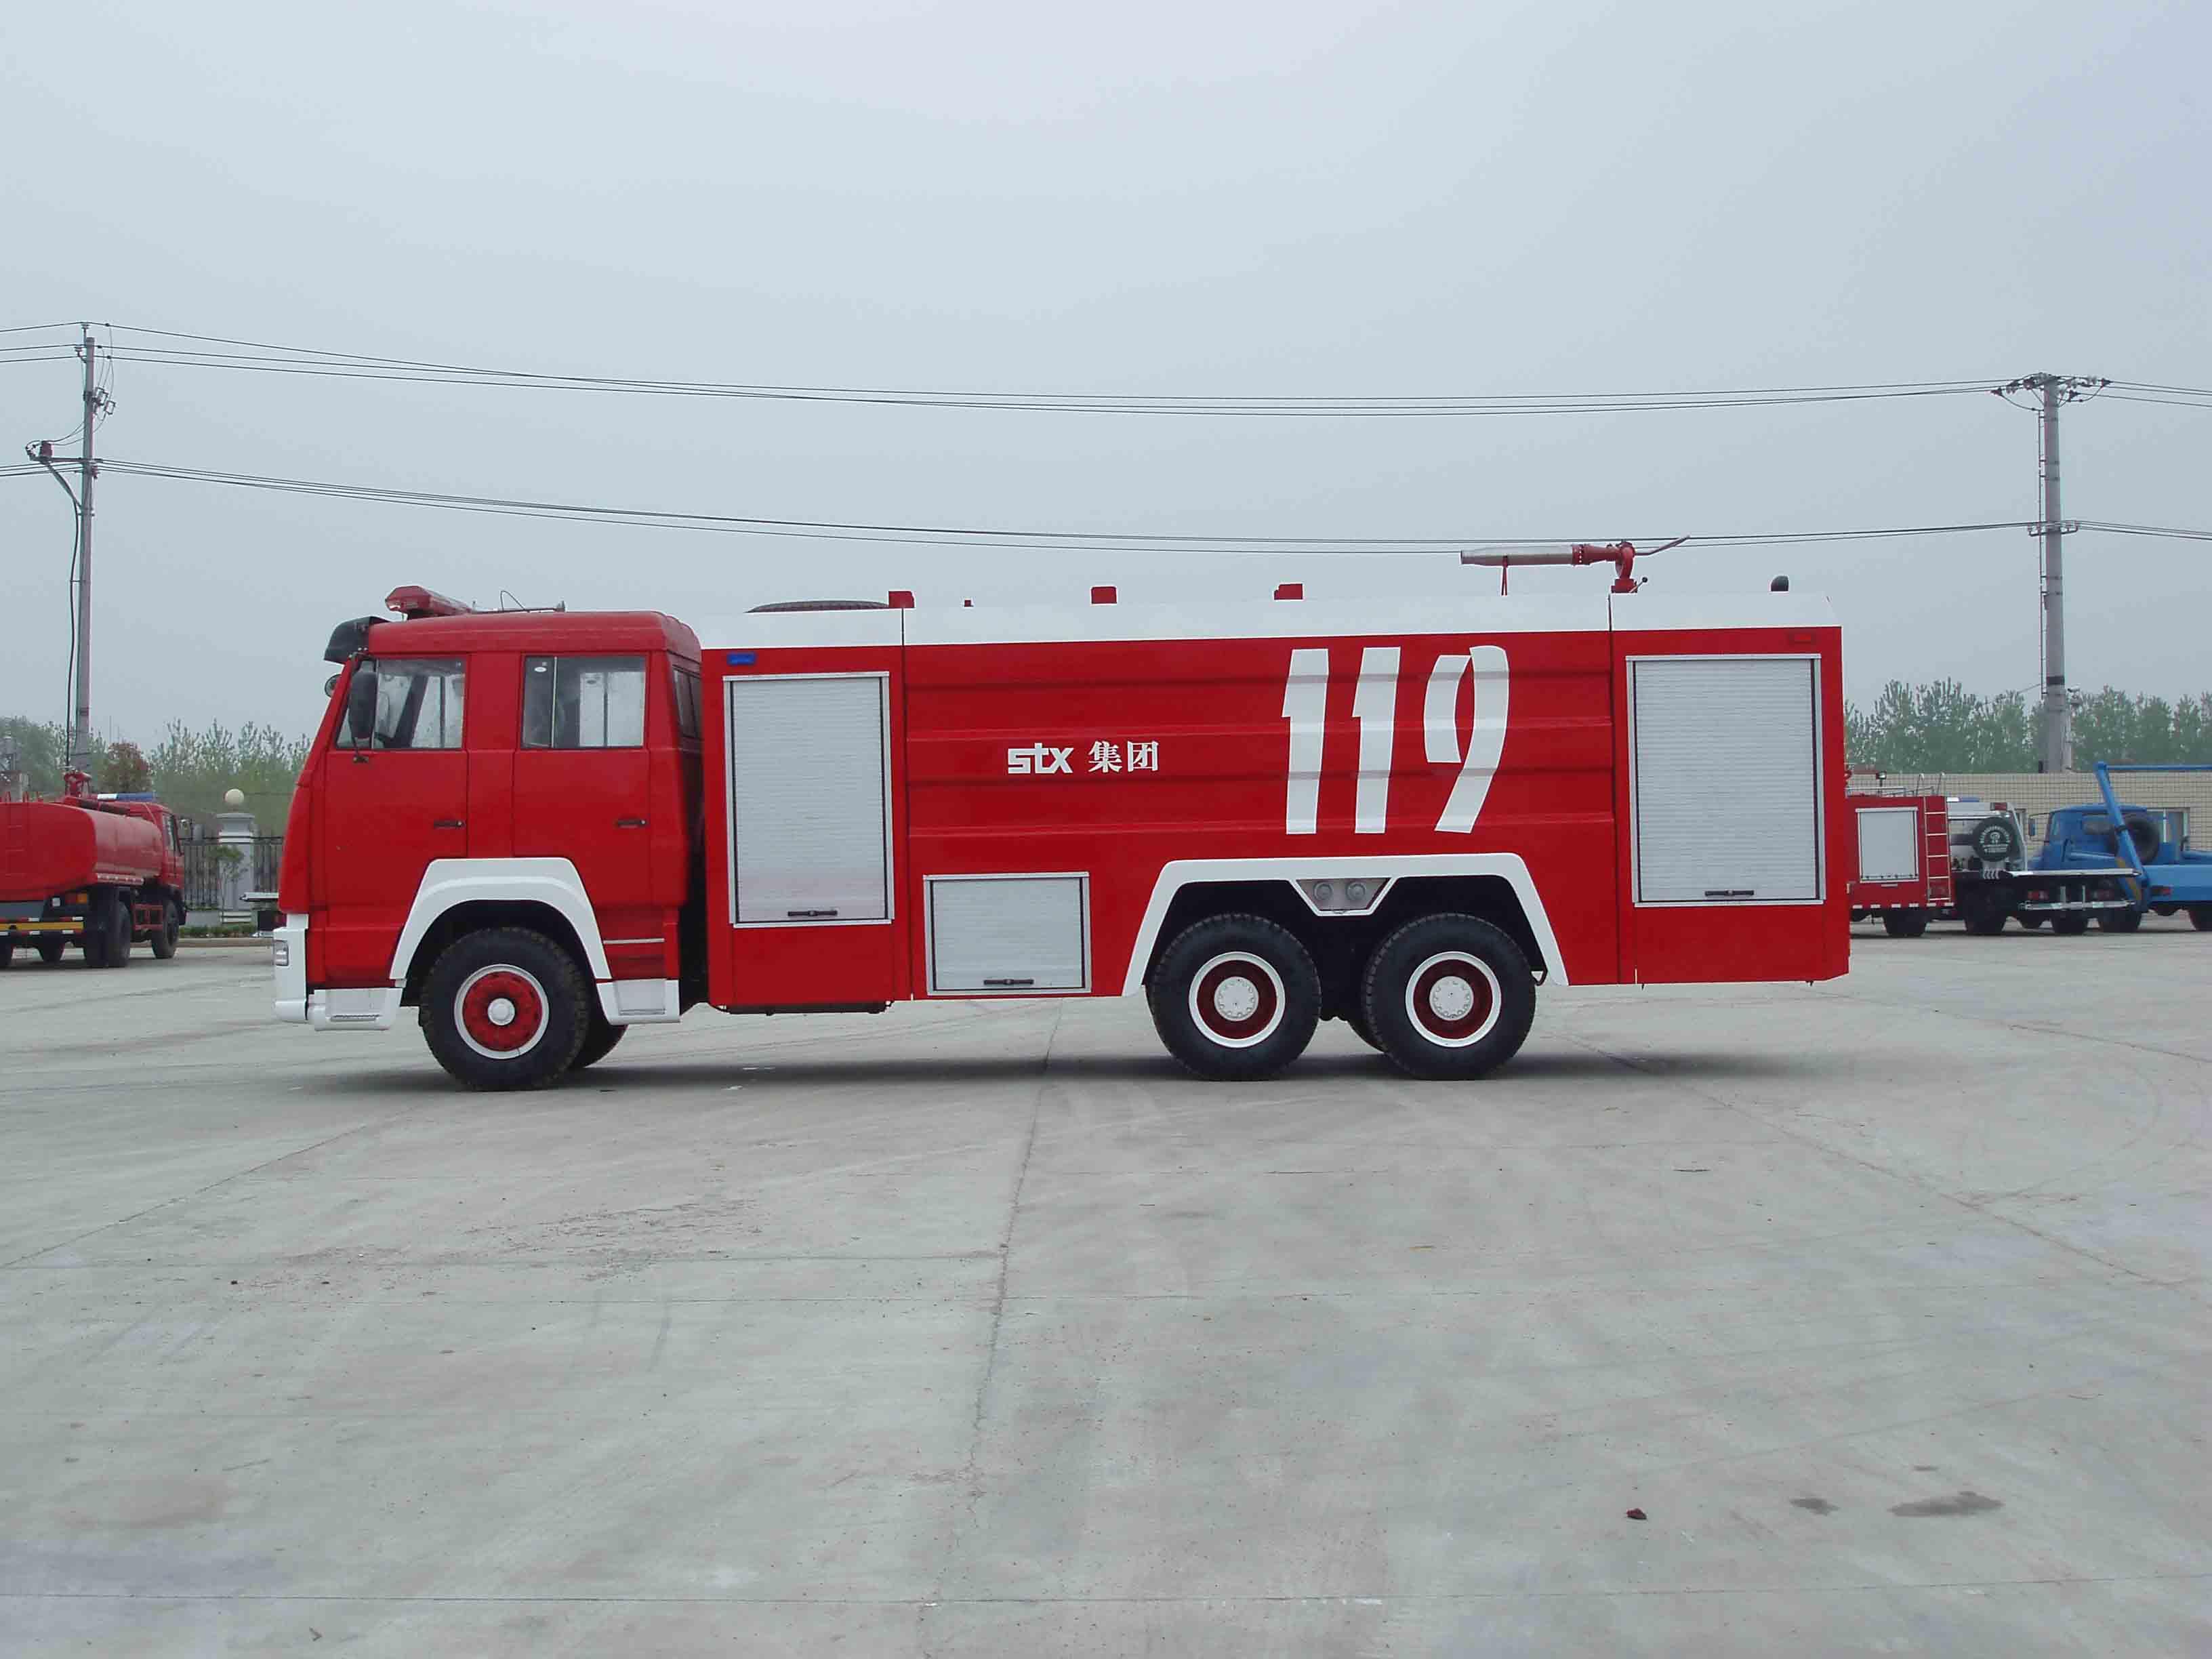 2,消防车采用双排整体式结构,视野开阔,乘员多,可乘坐6-8人